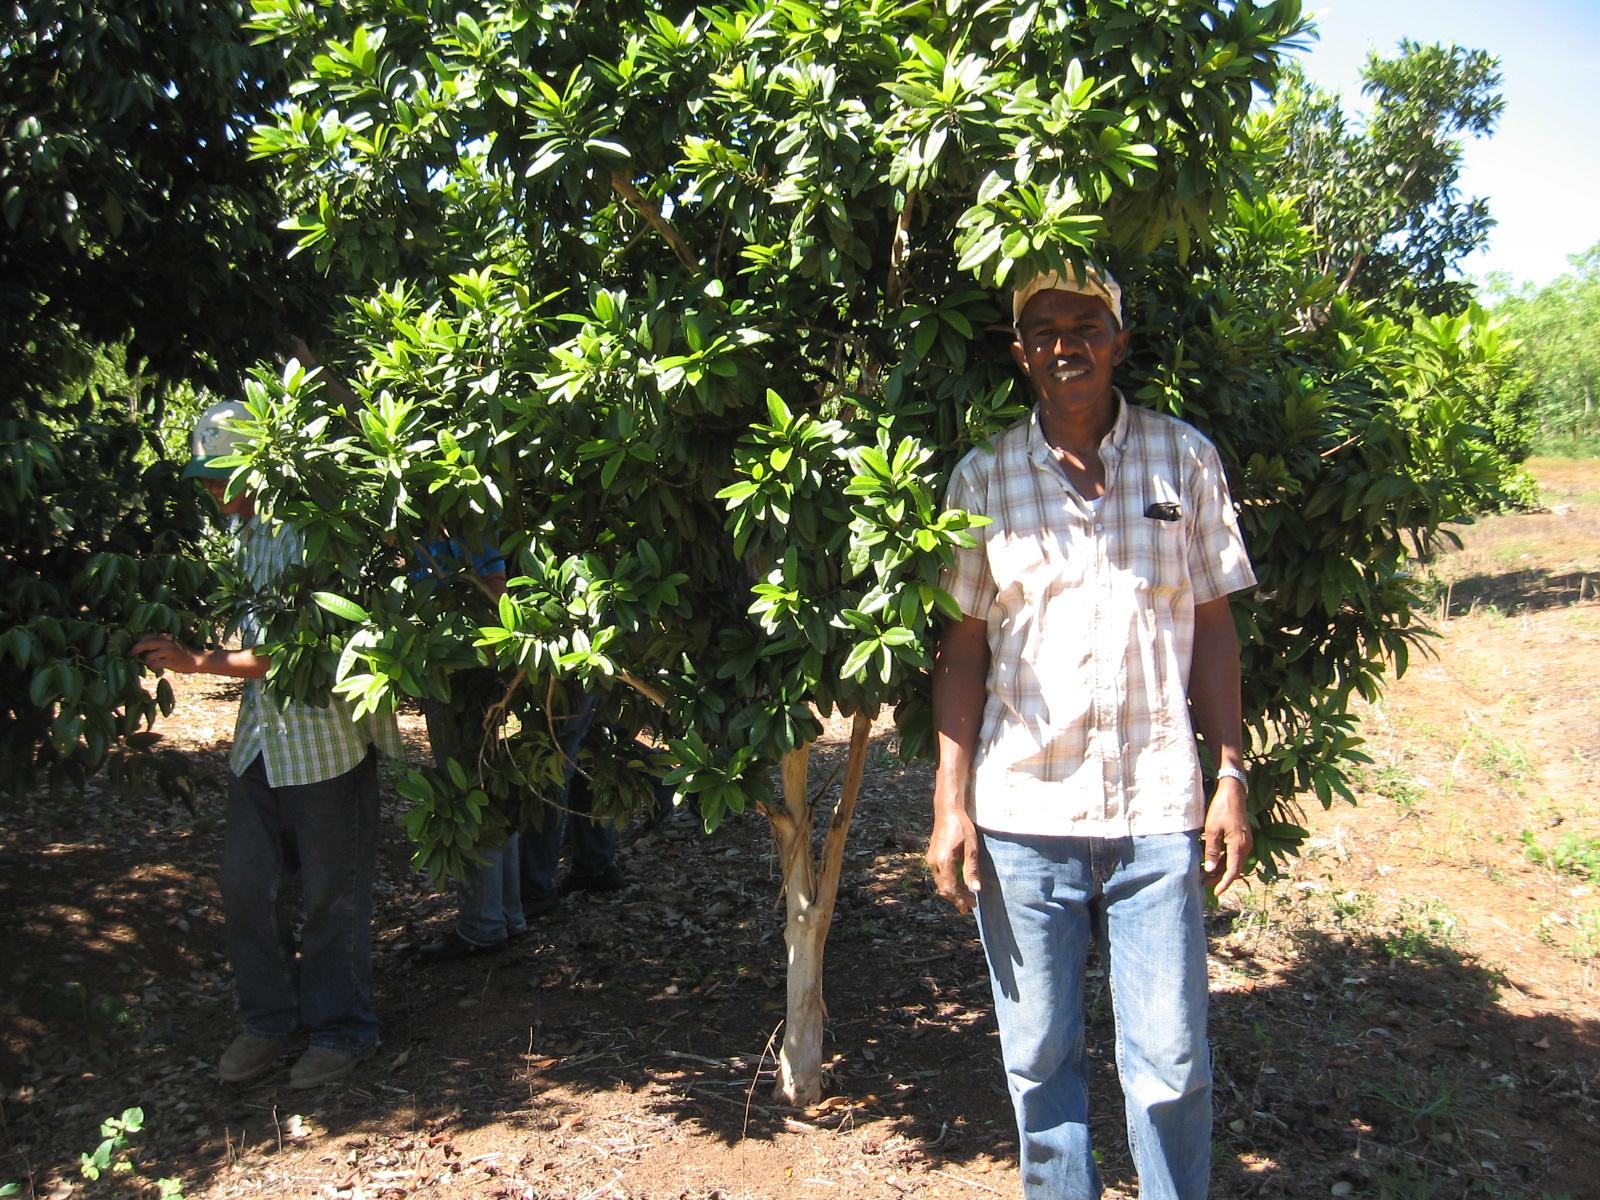 La Educación Agrícola El Cultivo De La Canela